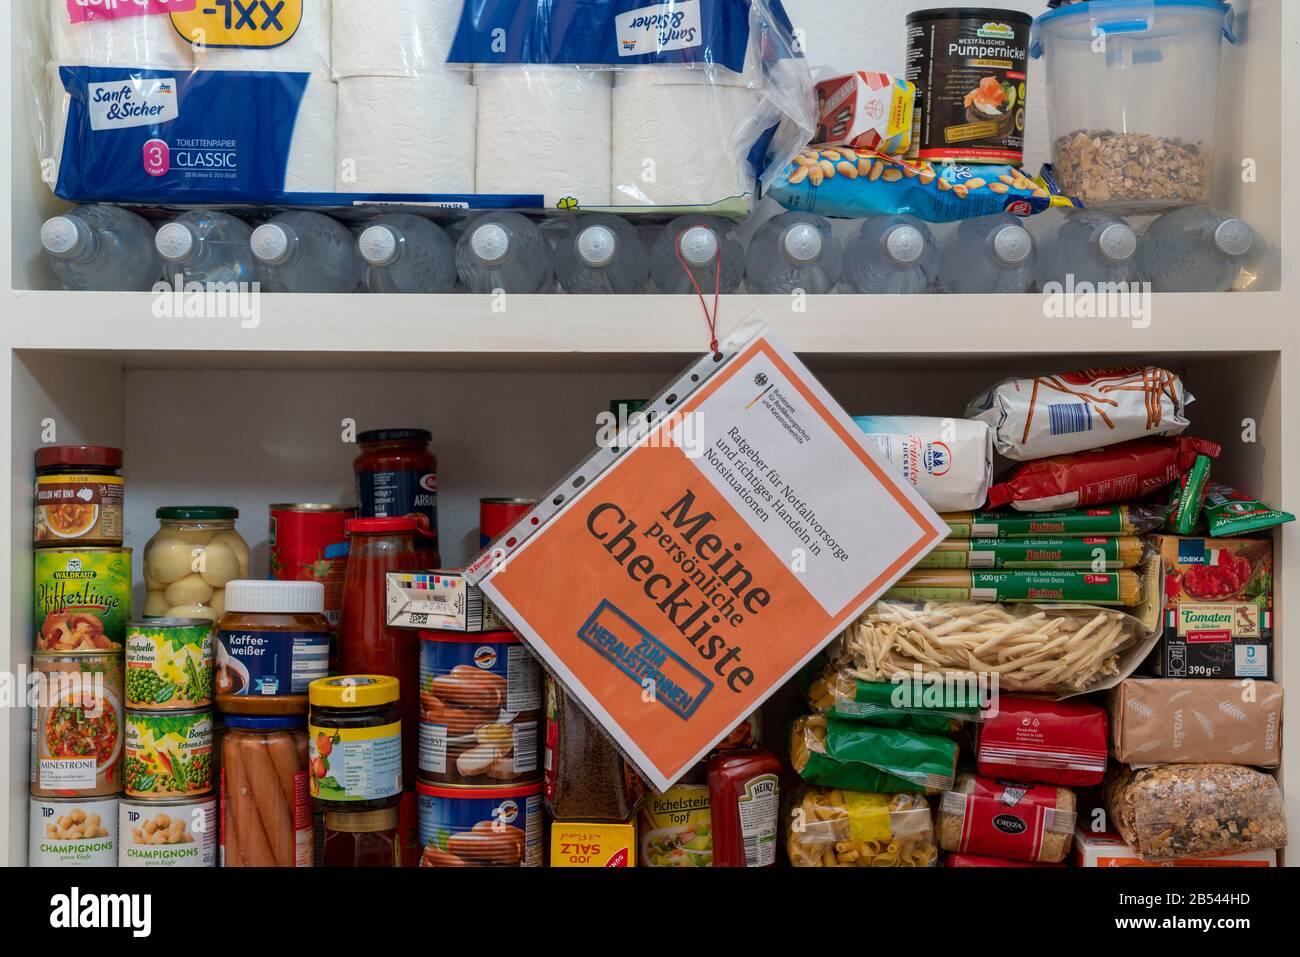 Notfallvorsorge, Lebensmittel Vorrat in einem Privaten Haushalt, Regal, Vorratskammer, mit lange haltbaren Lebensmitteln, Vorrat für 10 Tage, nach den Stock Photo